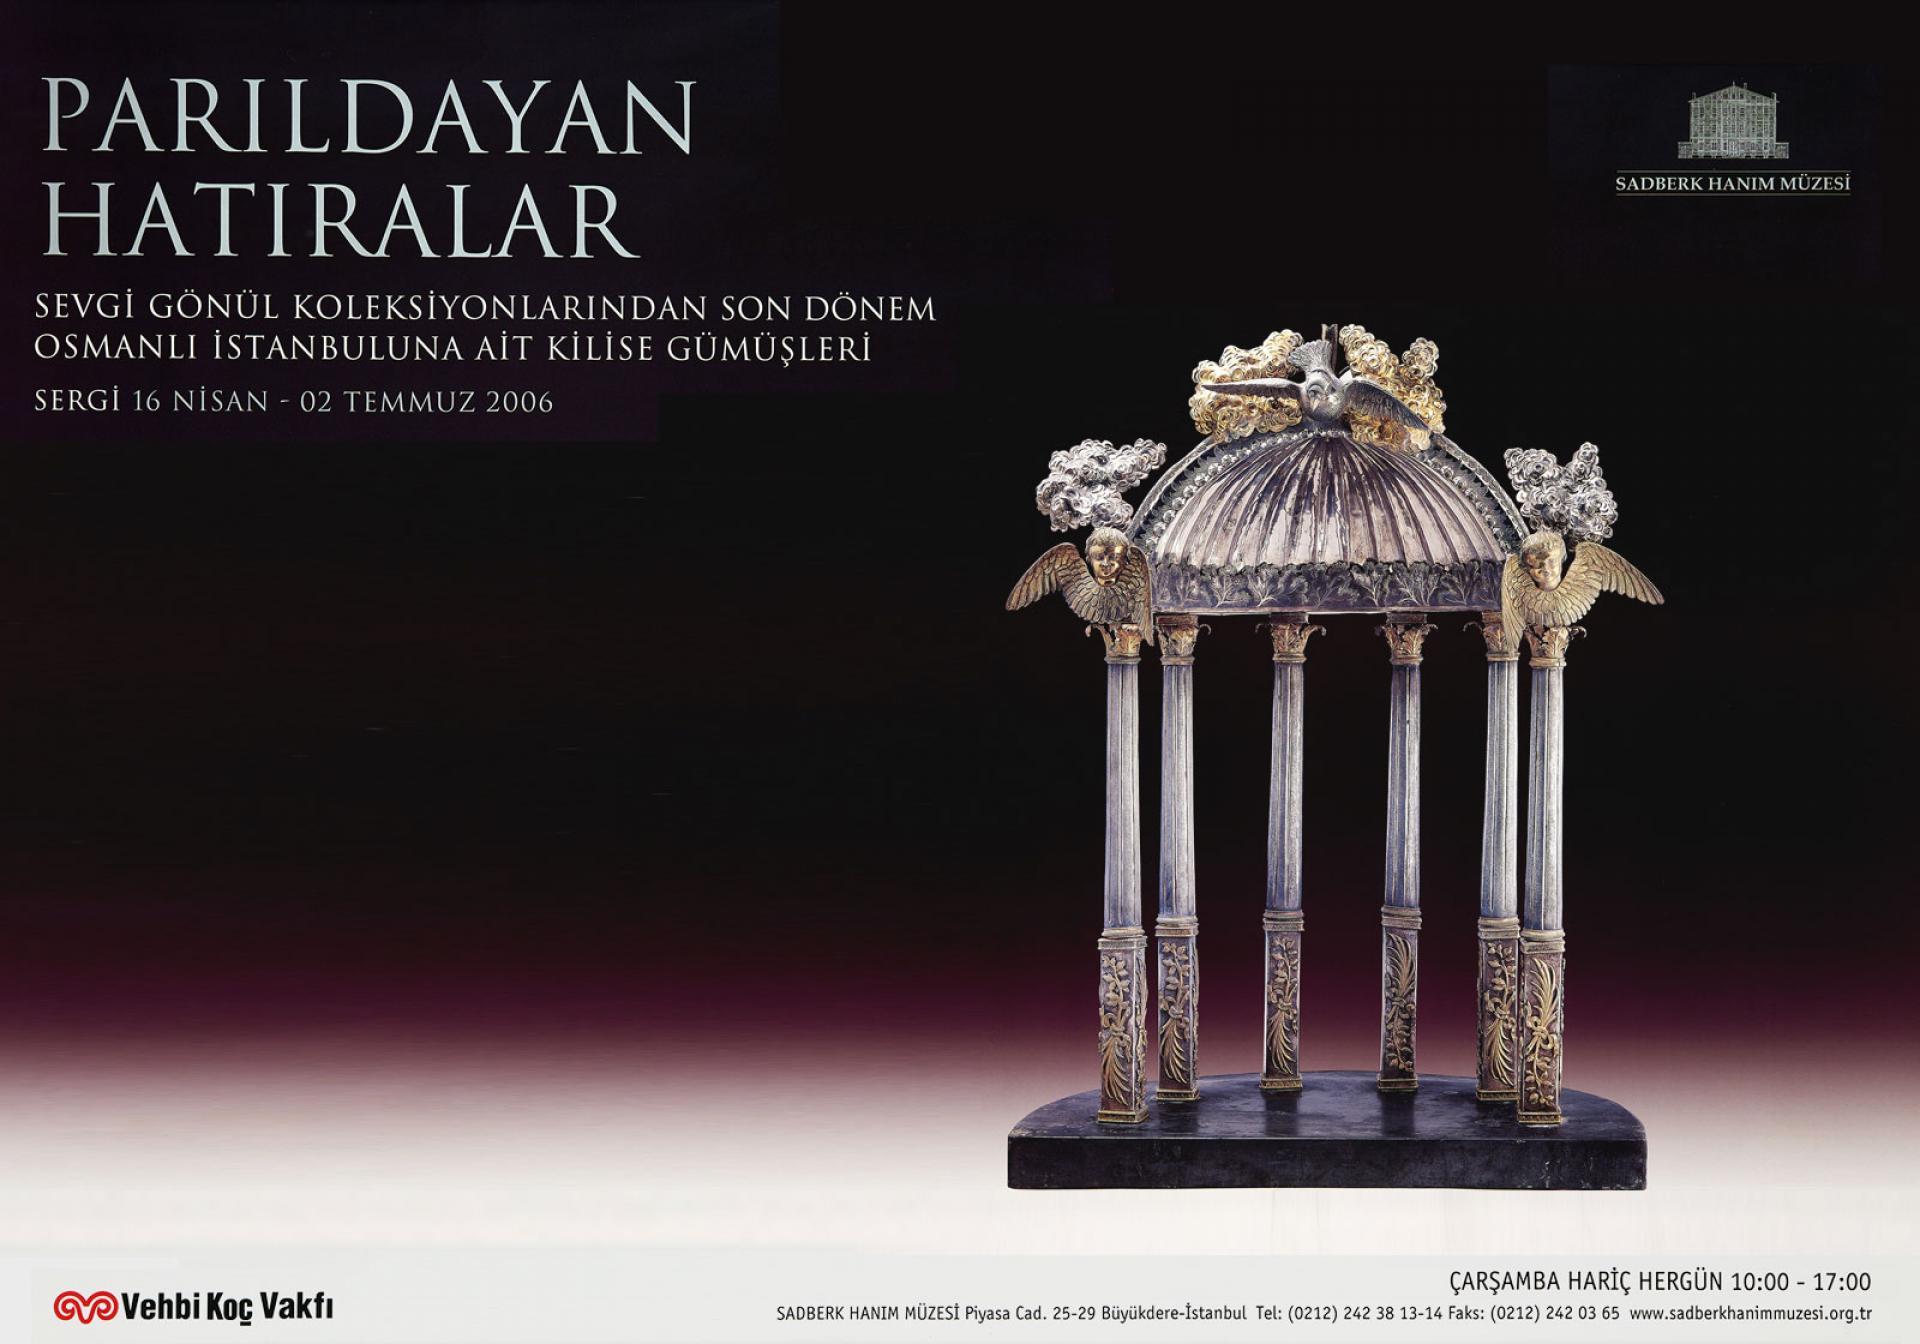 PARILDAYAN HATIRALAR Sevgi Gönül Koleksiyonlarından Osmanlı İstanbuluna Ait Kilise Gümüşleri - SERGİLER - Sadberk Hanım Müzesi